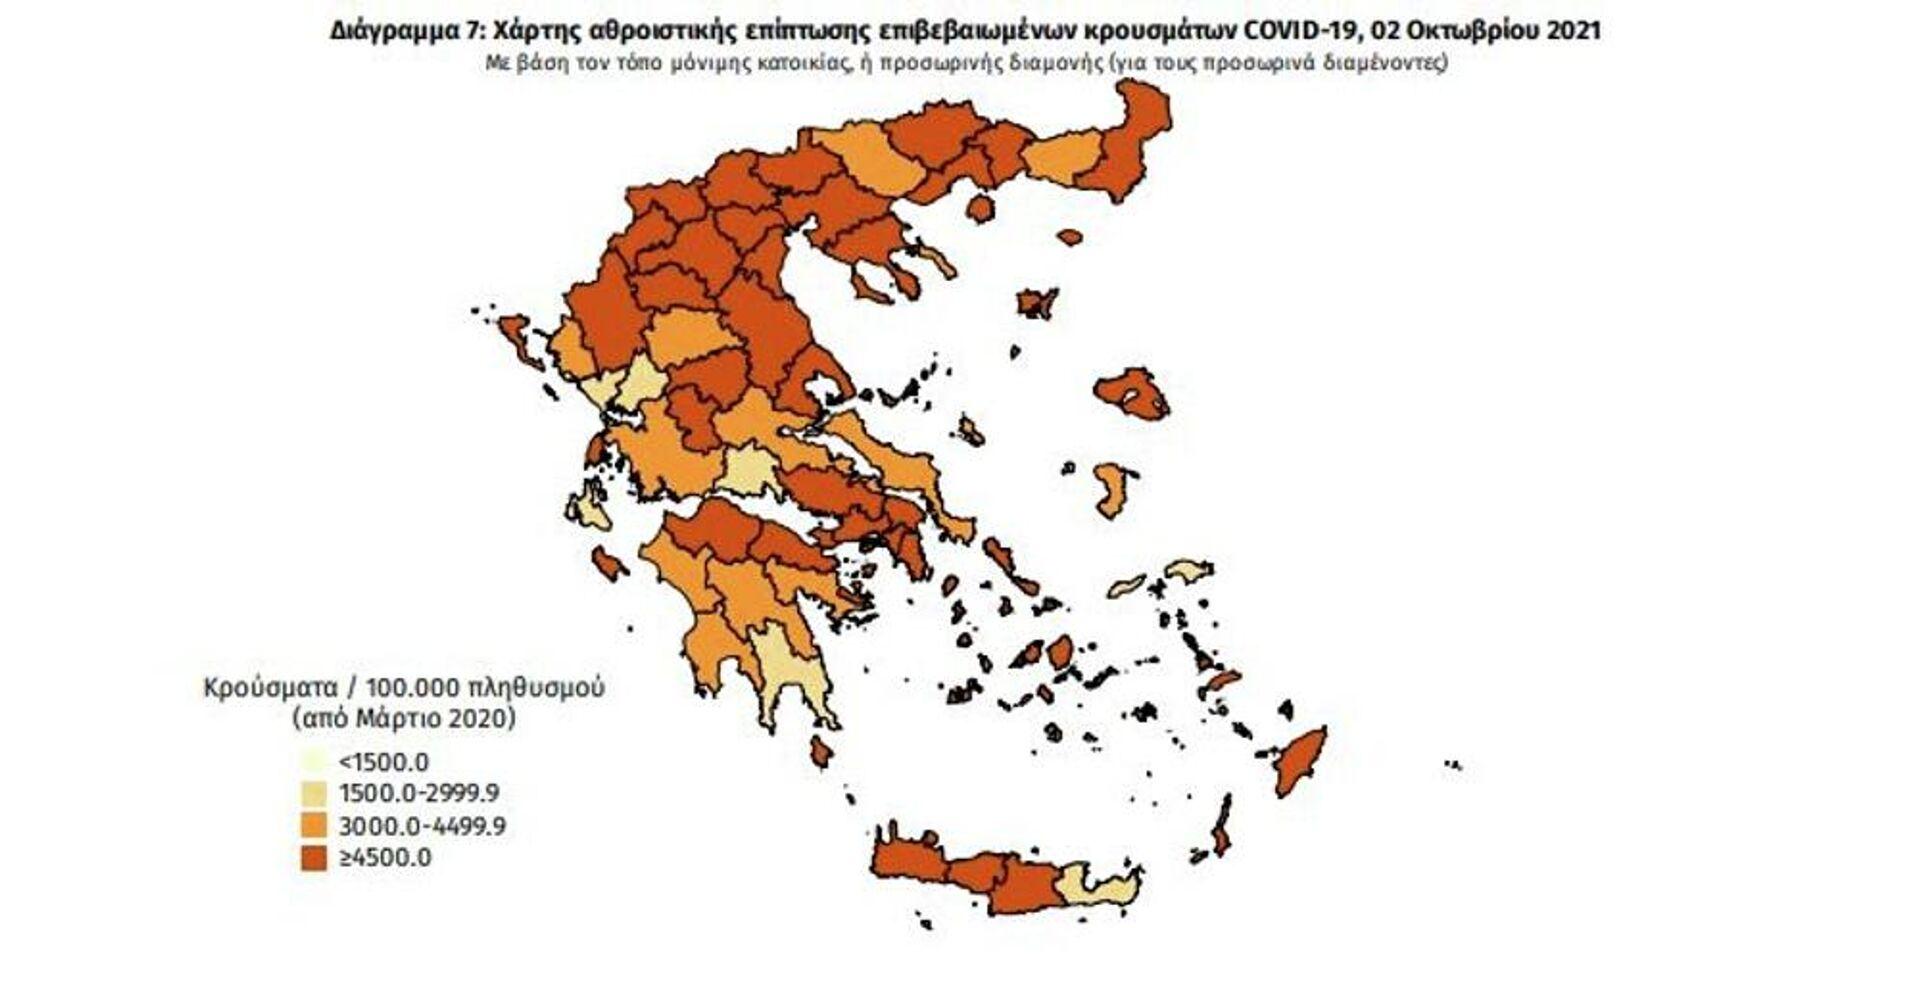 Ο χάρτης των κρουσμάτων για τη 2η Οκτώβρη 2021 - Sputnik Ελλάδα, 1920, 02.10.2021